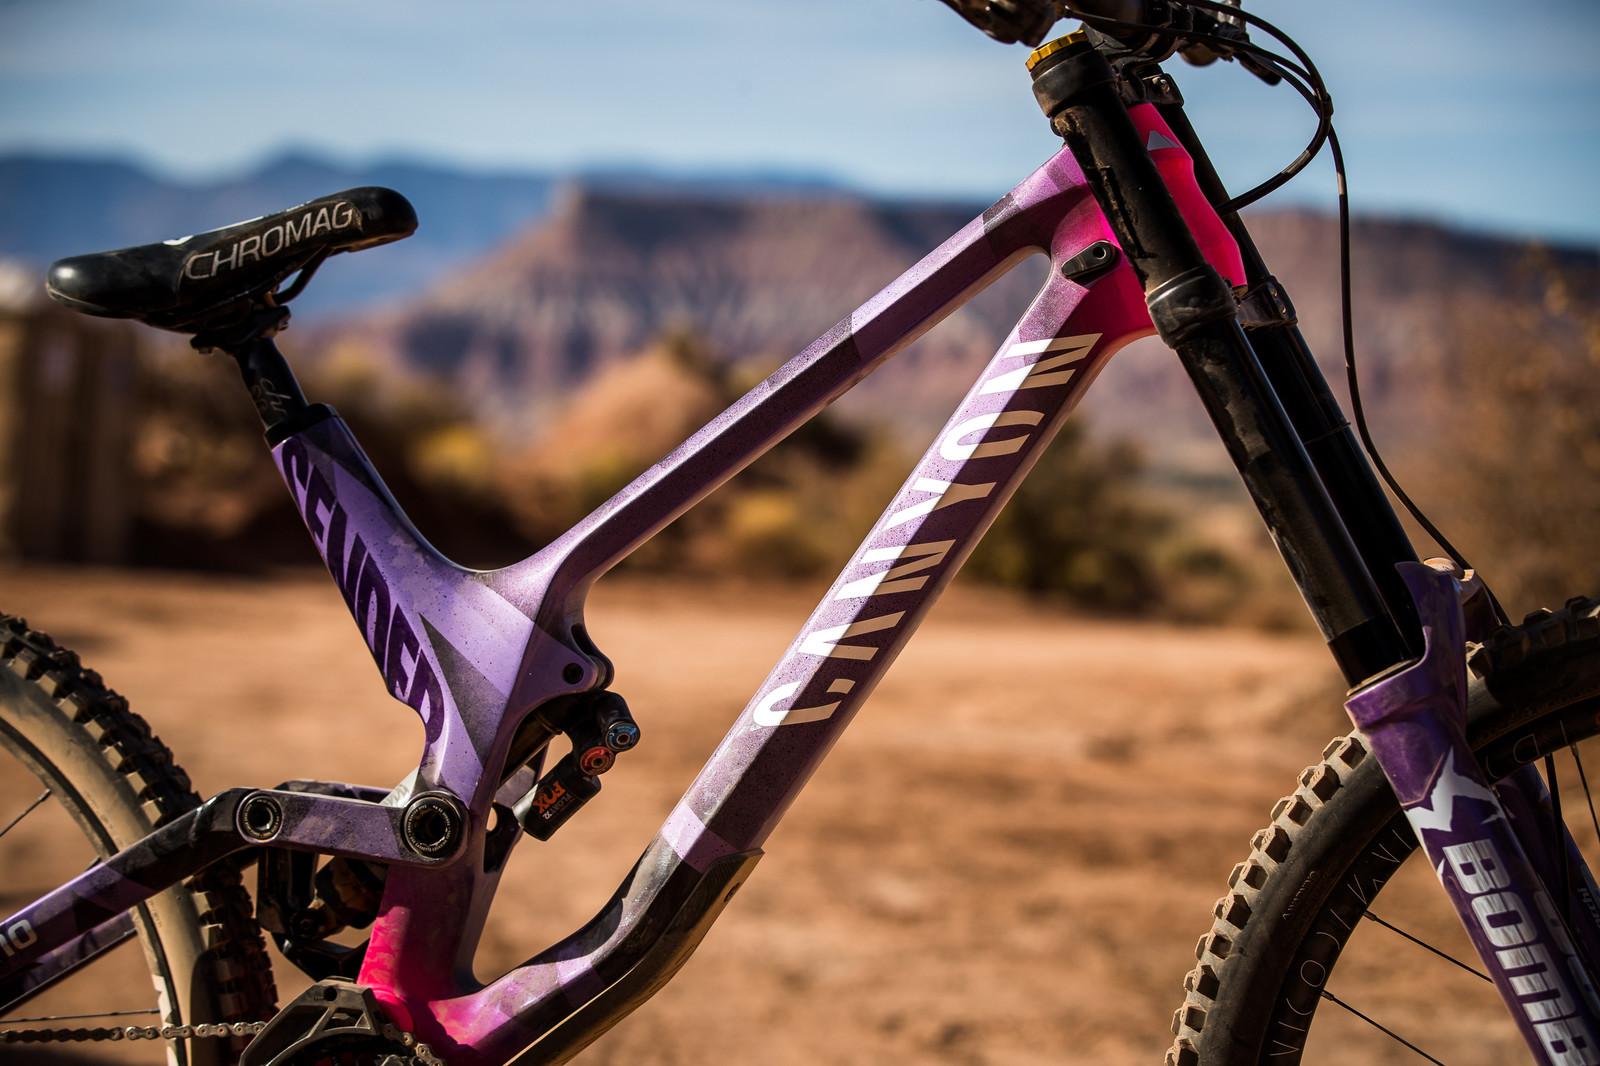 Color Crush - Thomas Genon's Canyon Sender at Rampage 2019 - RAMPAGE BIKE - Thomas Genon's Canyon Sender - Mountain Biking Pictures - Vital MTB